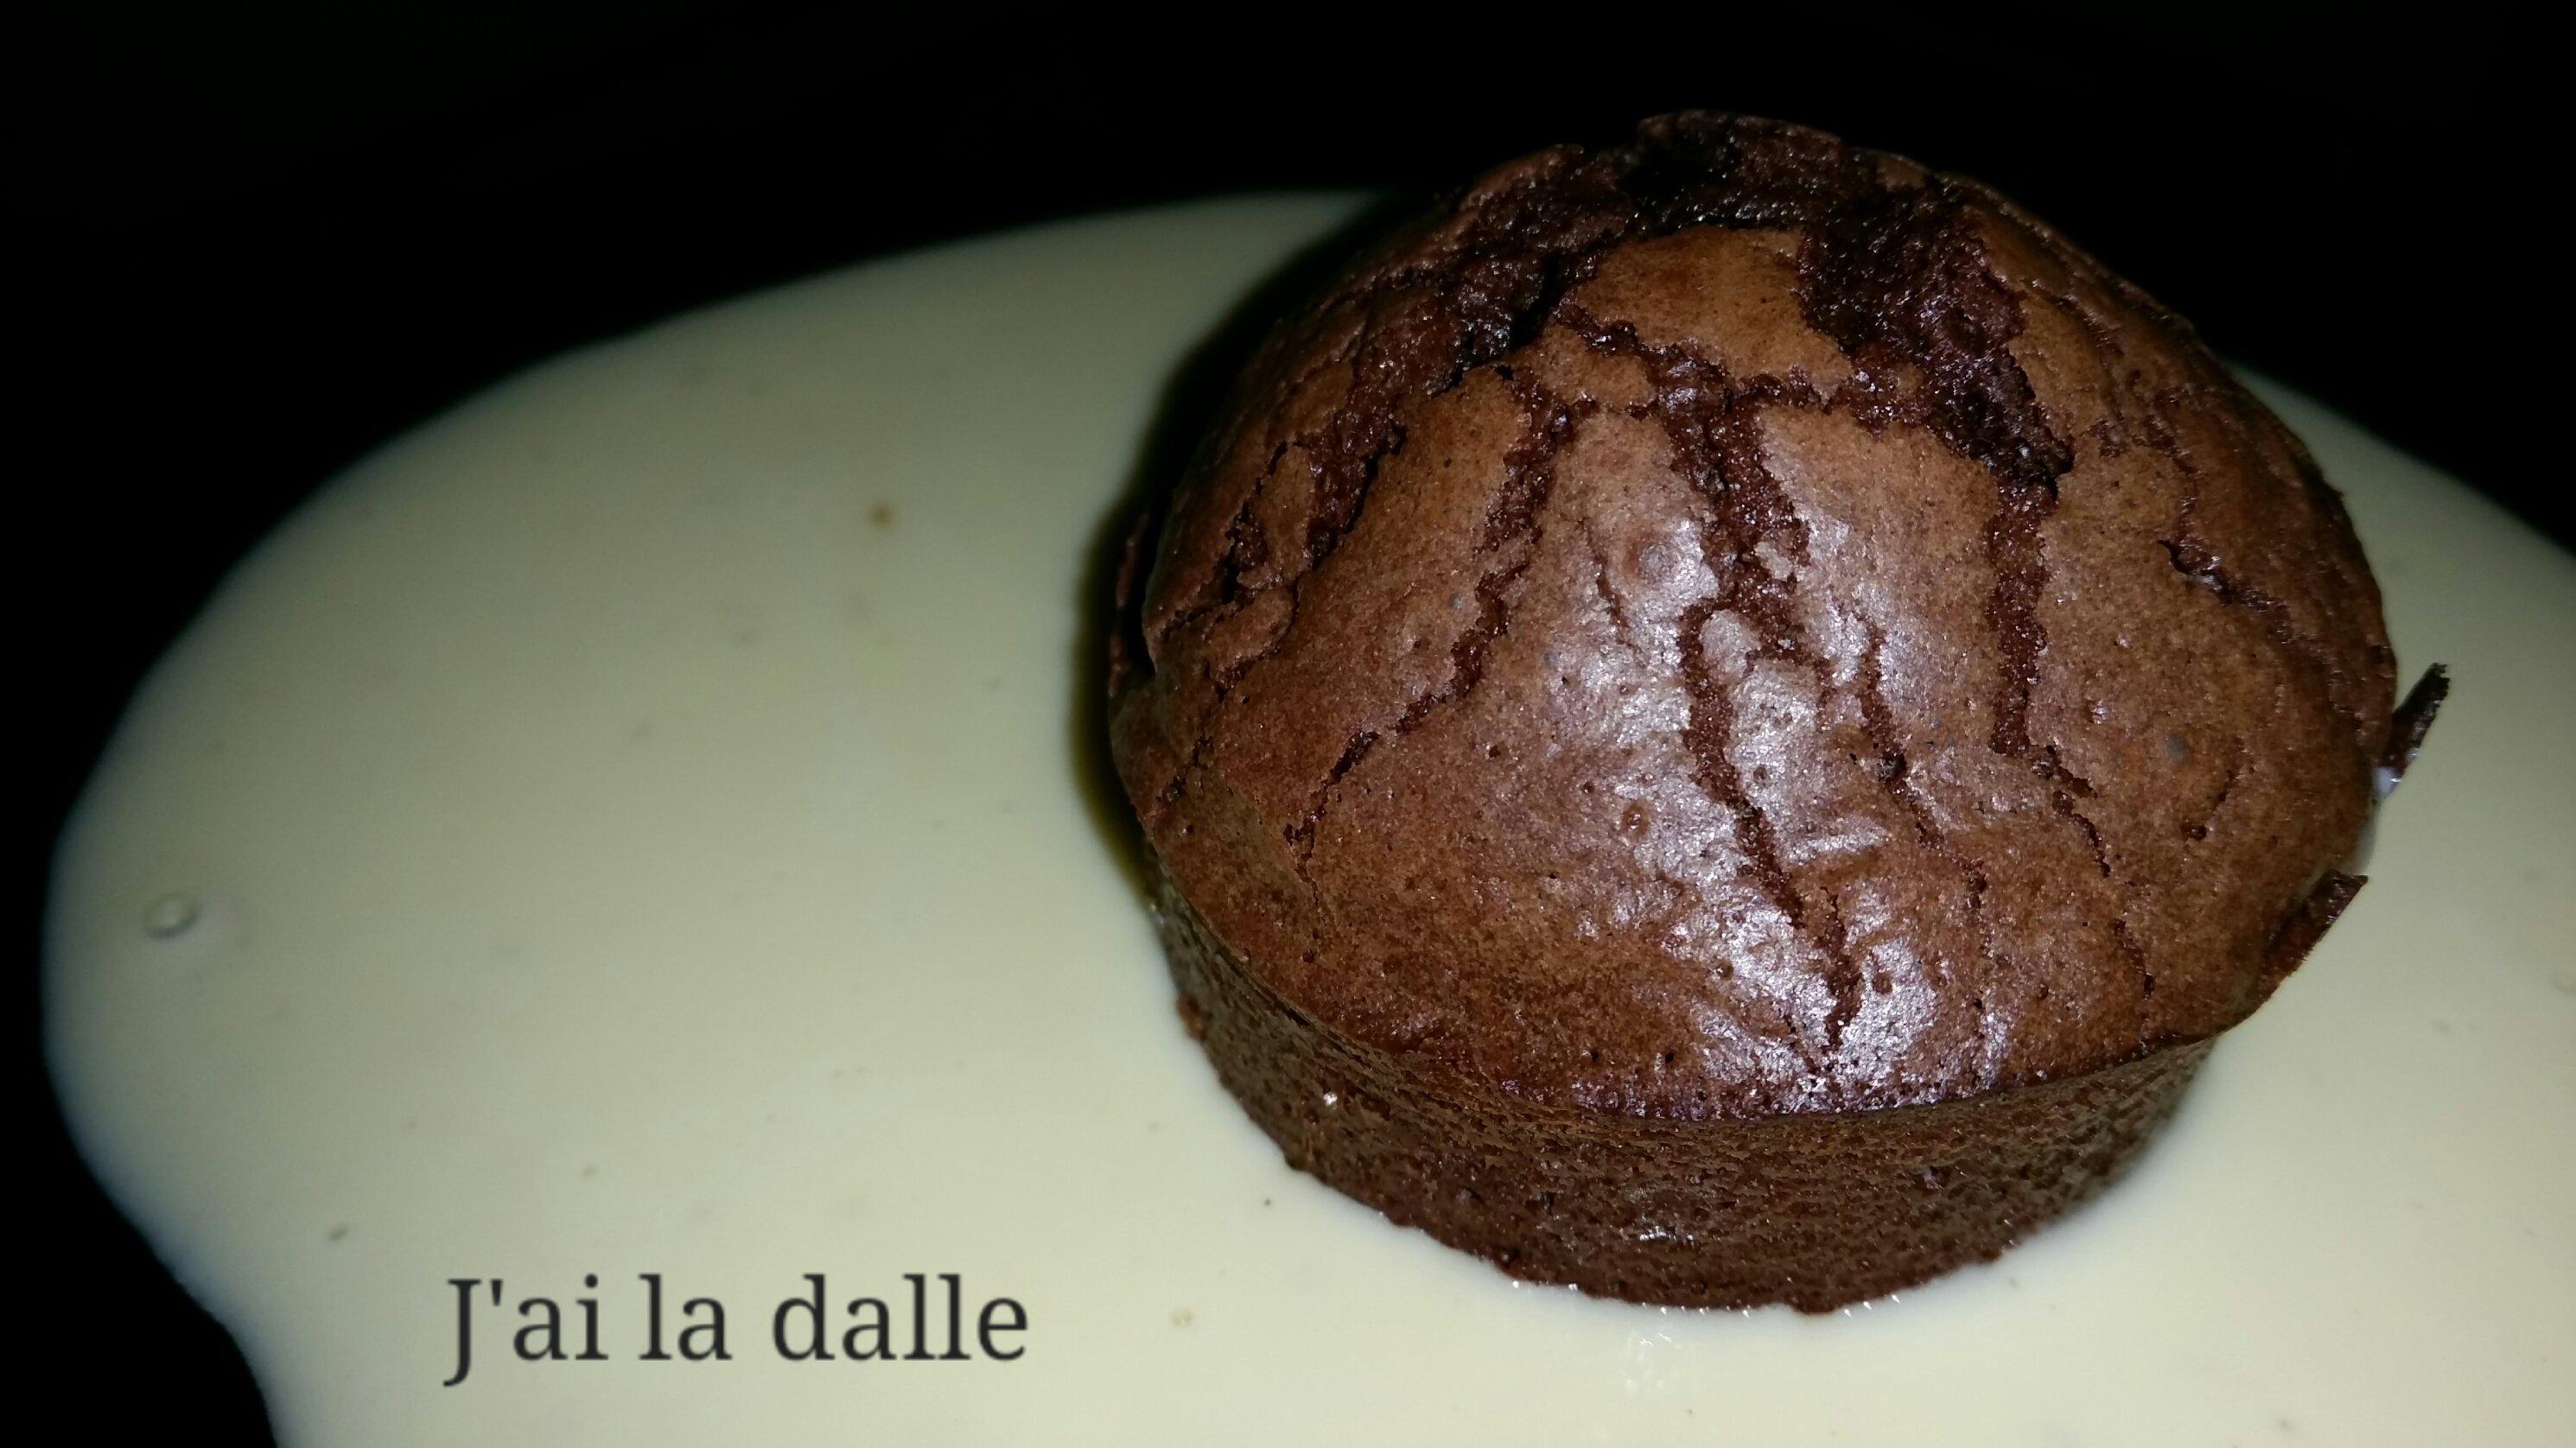 muffins au chocolat et cr me anglaise j 39 ai la dalle. Black Bedroom Furniture Sets. Home Design Ideas